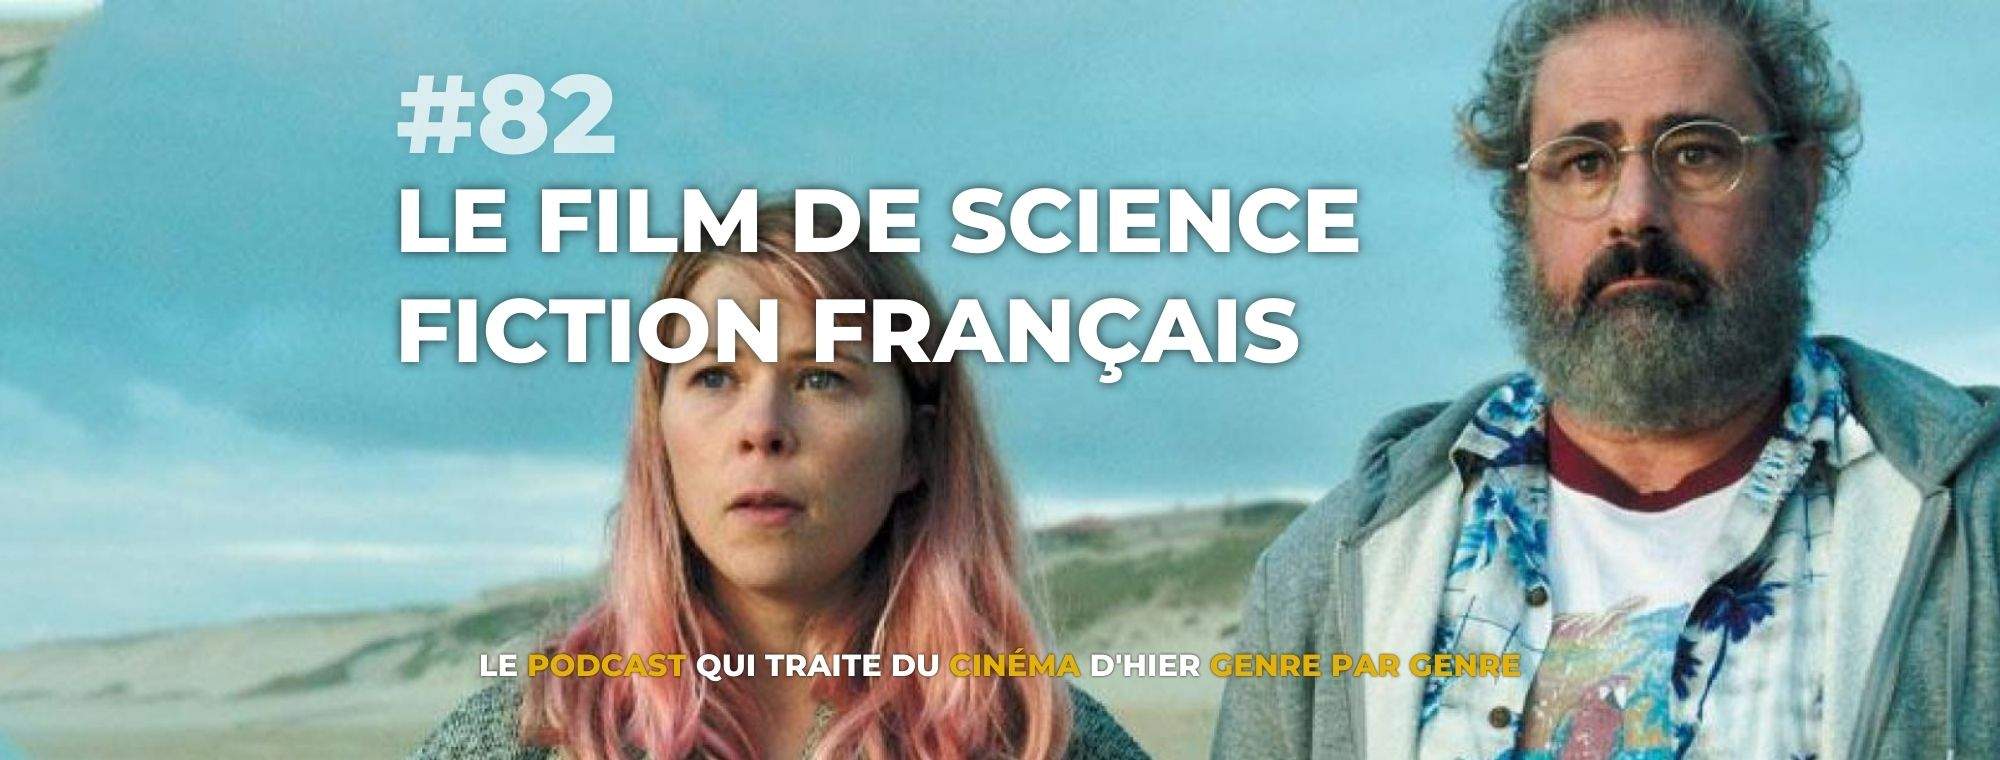 Parlons Péloches - #82 Le film de science-fiction français